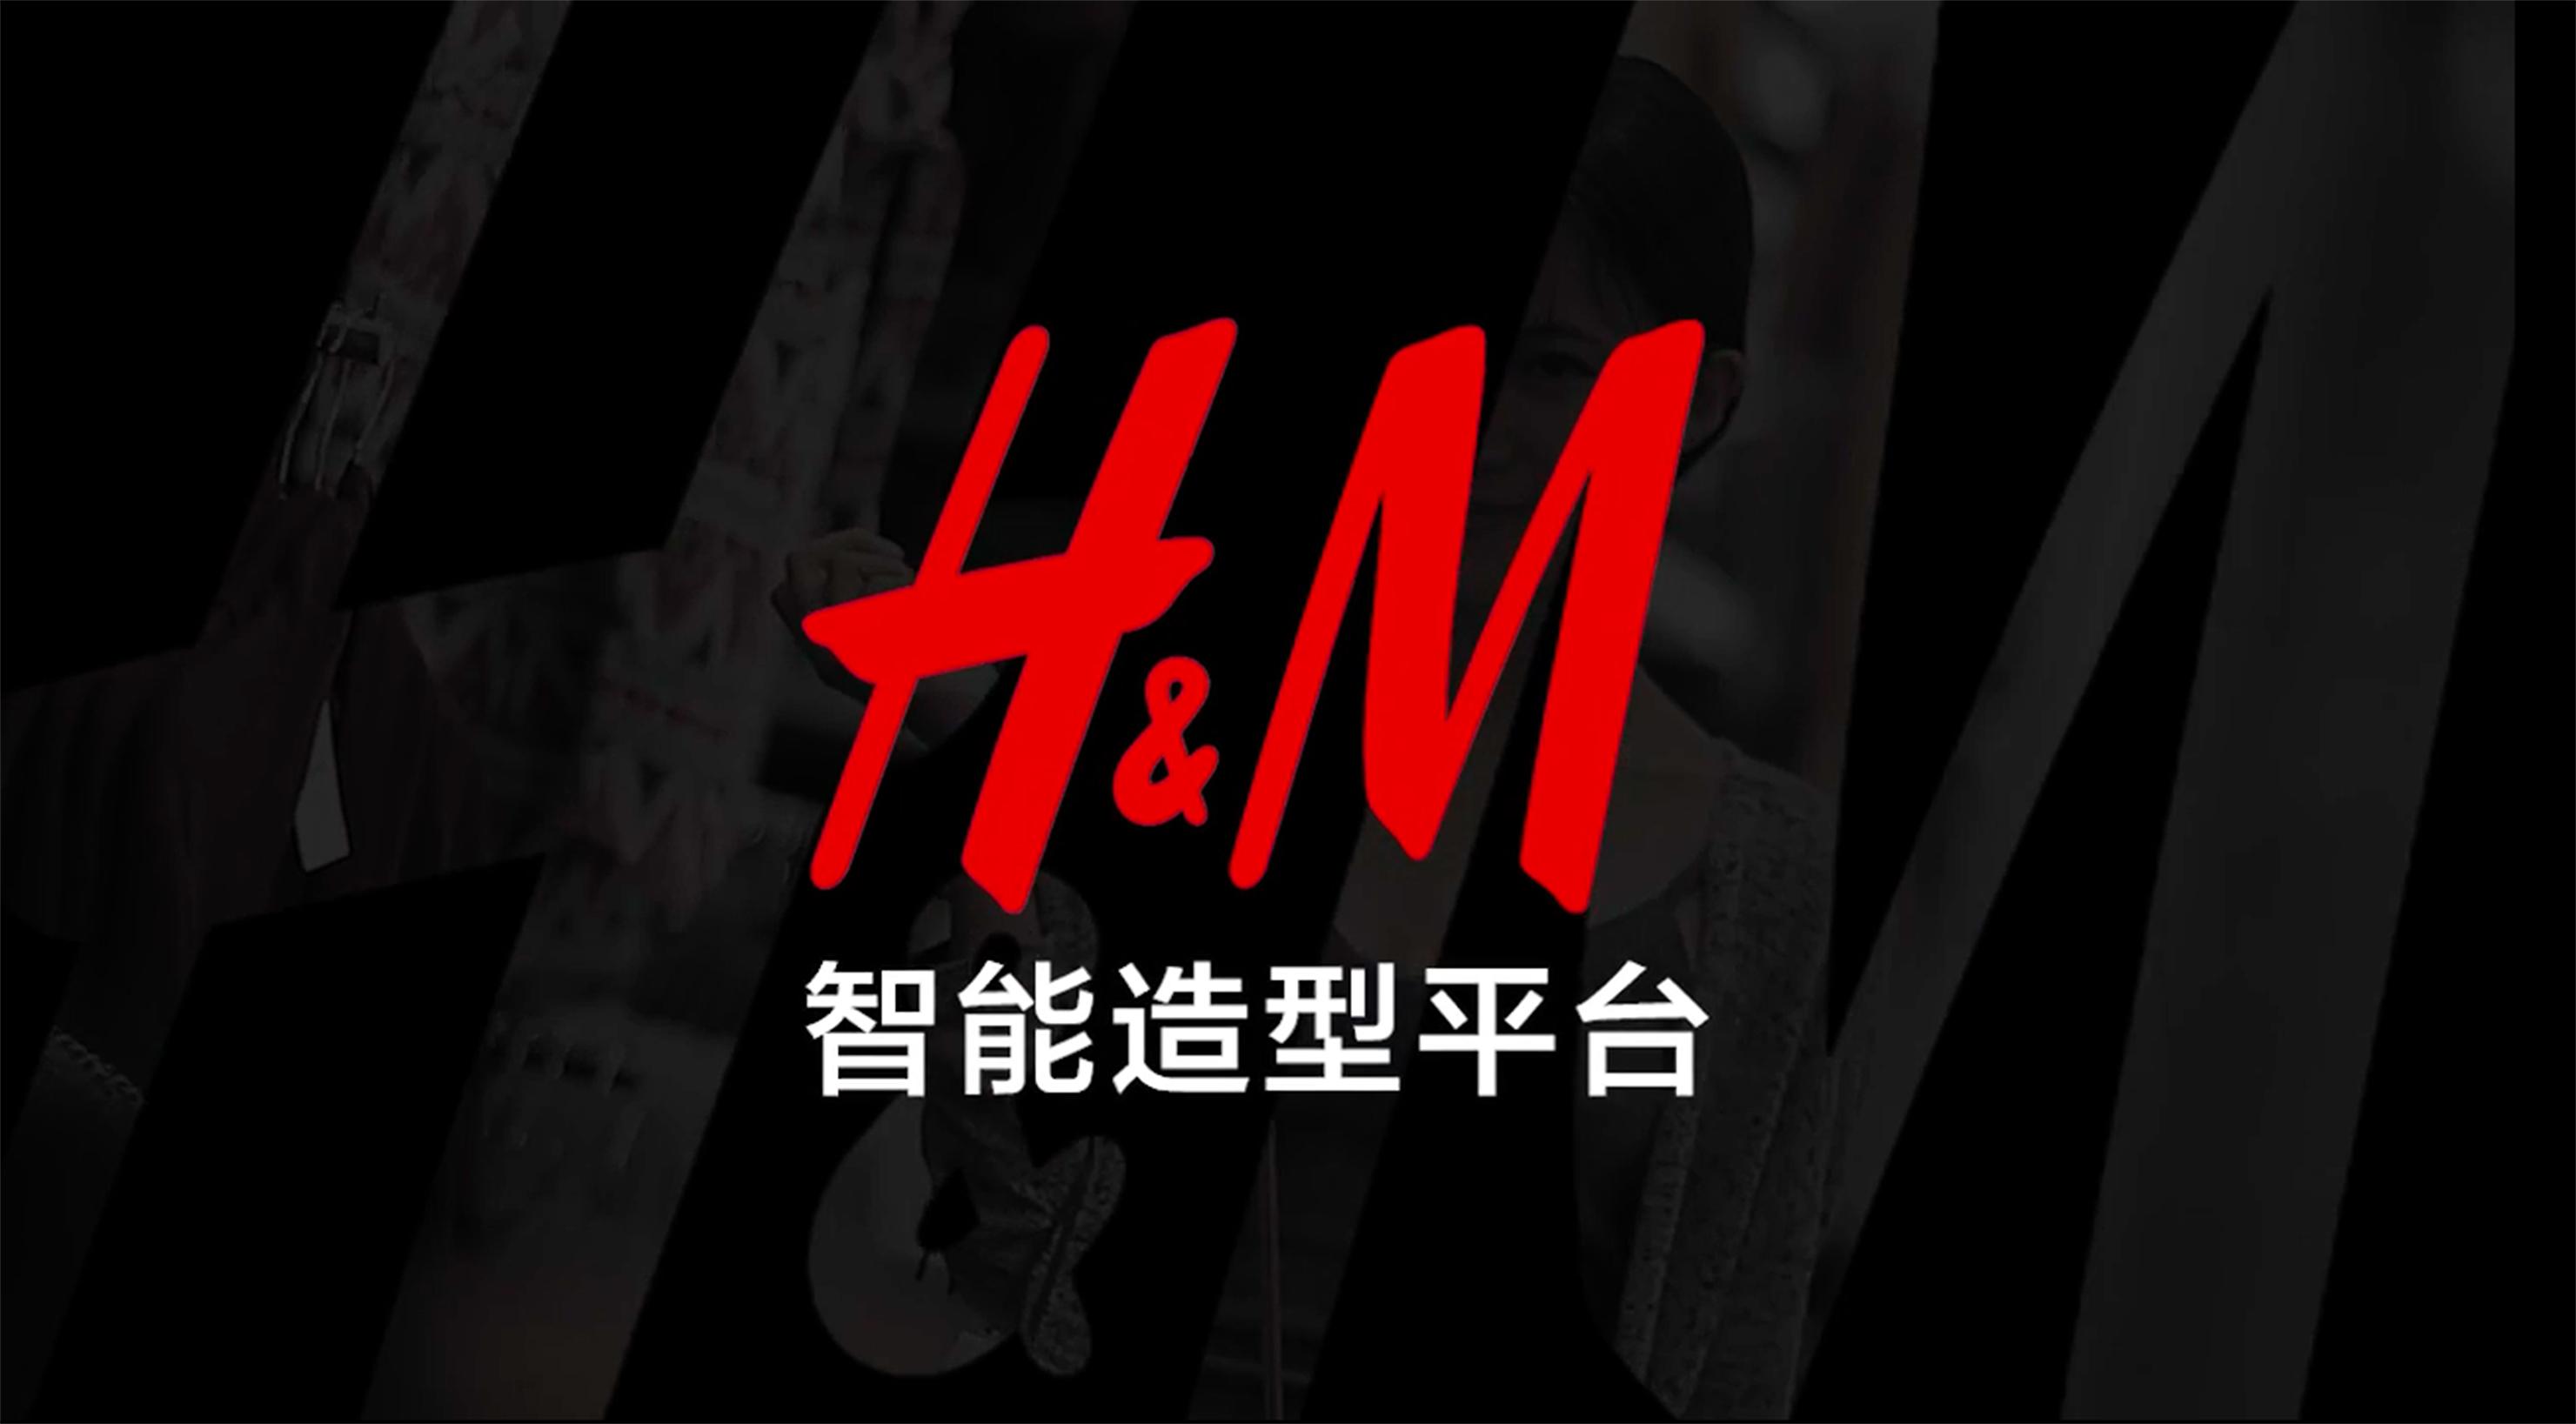 2017_cn_2017_e172-mv-102180765_hero_1